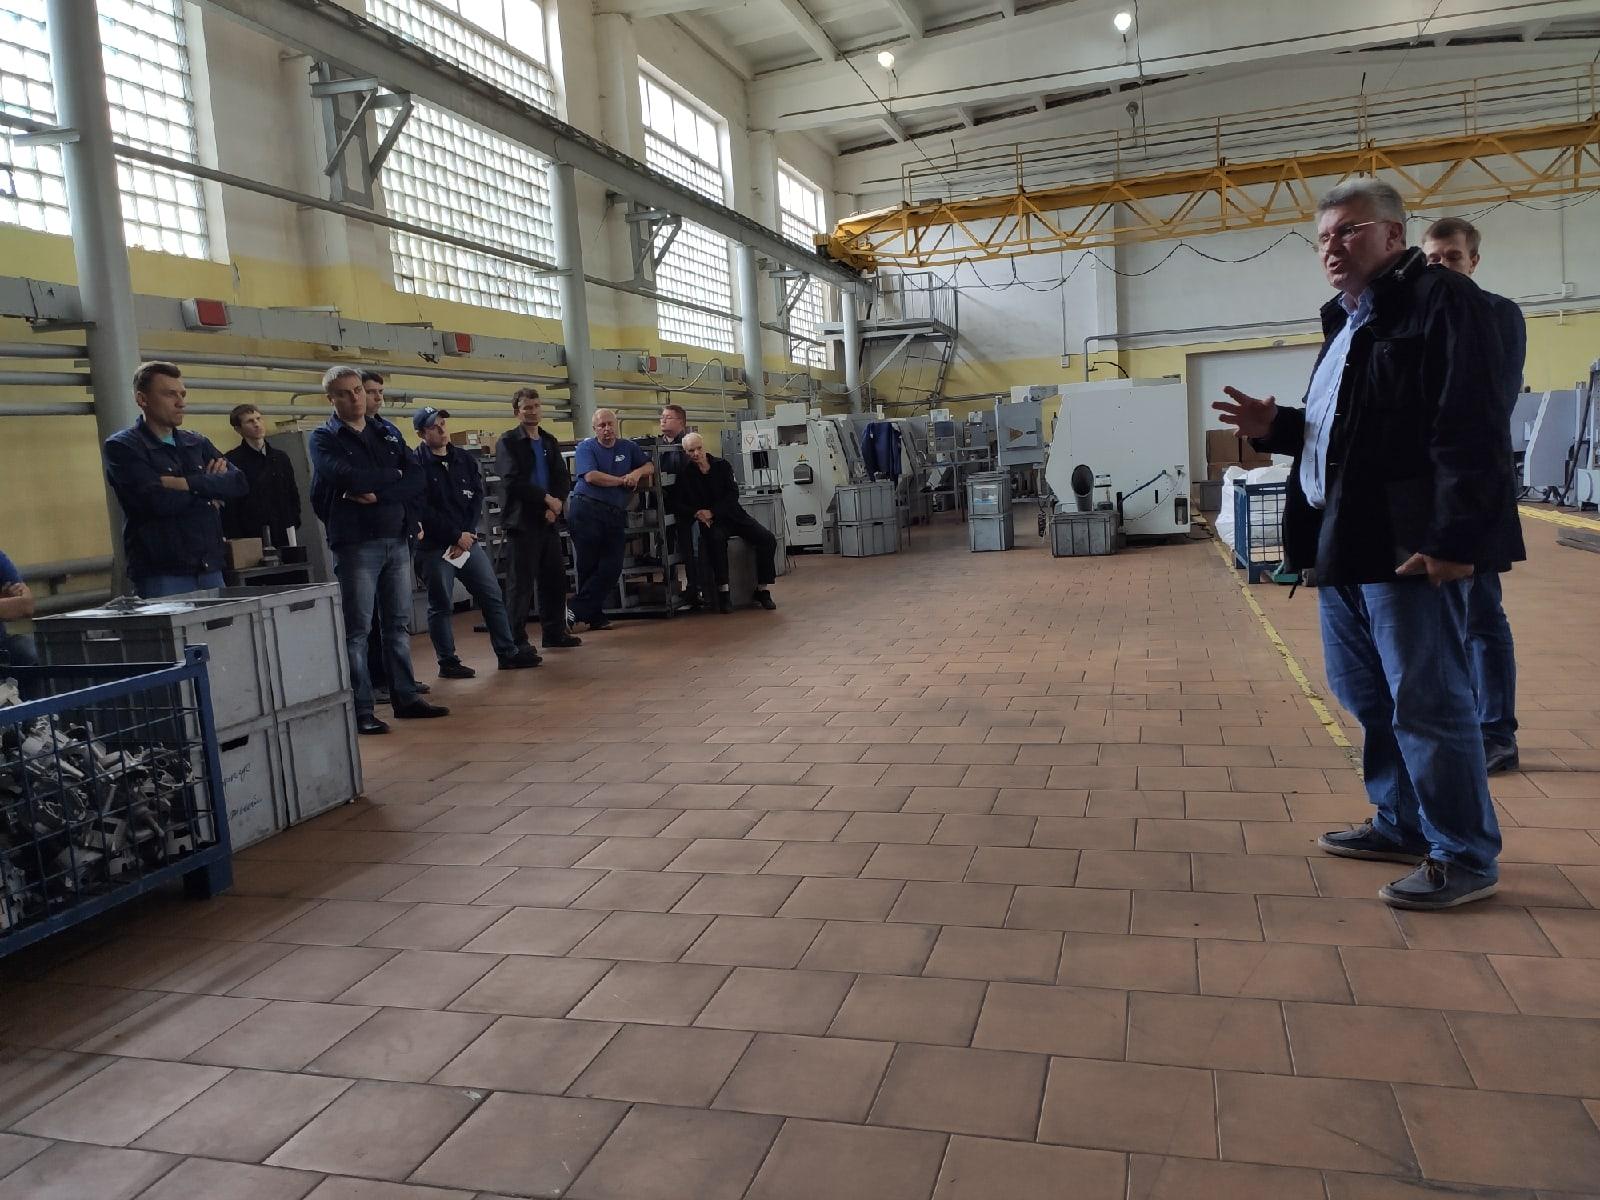 Андрей Белоцерковский: Это нужно не для «корочки», а для роста и развития